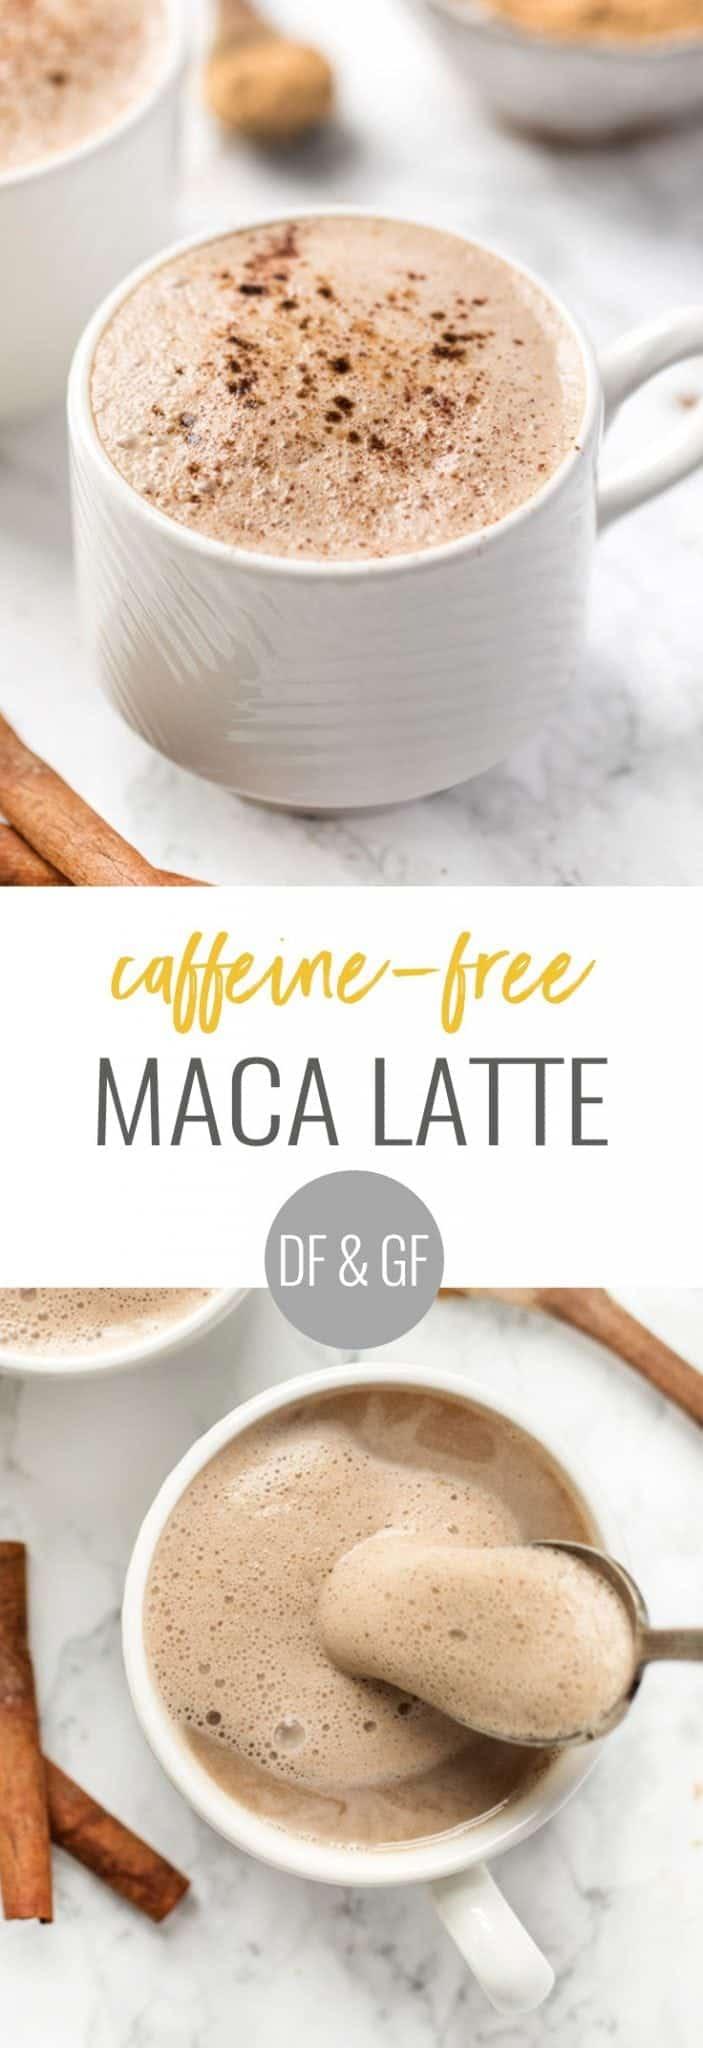 how to make a caffeine-free maca latte